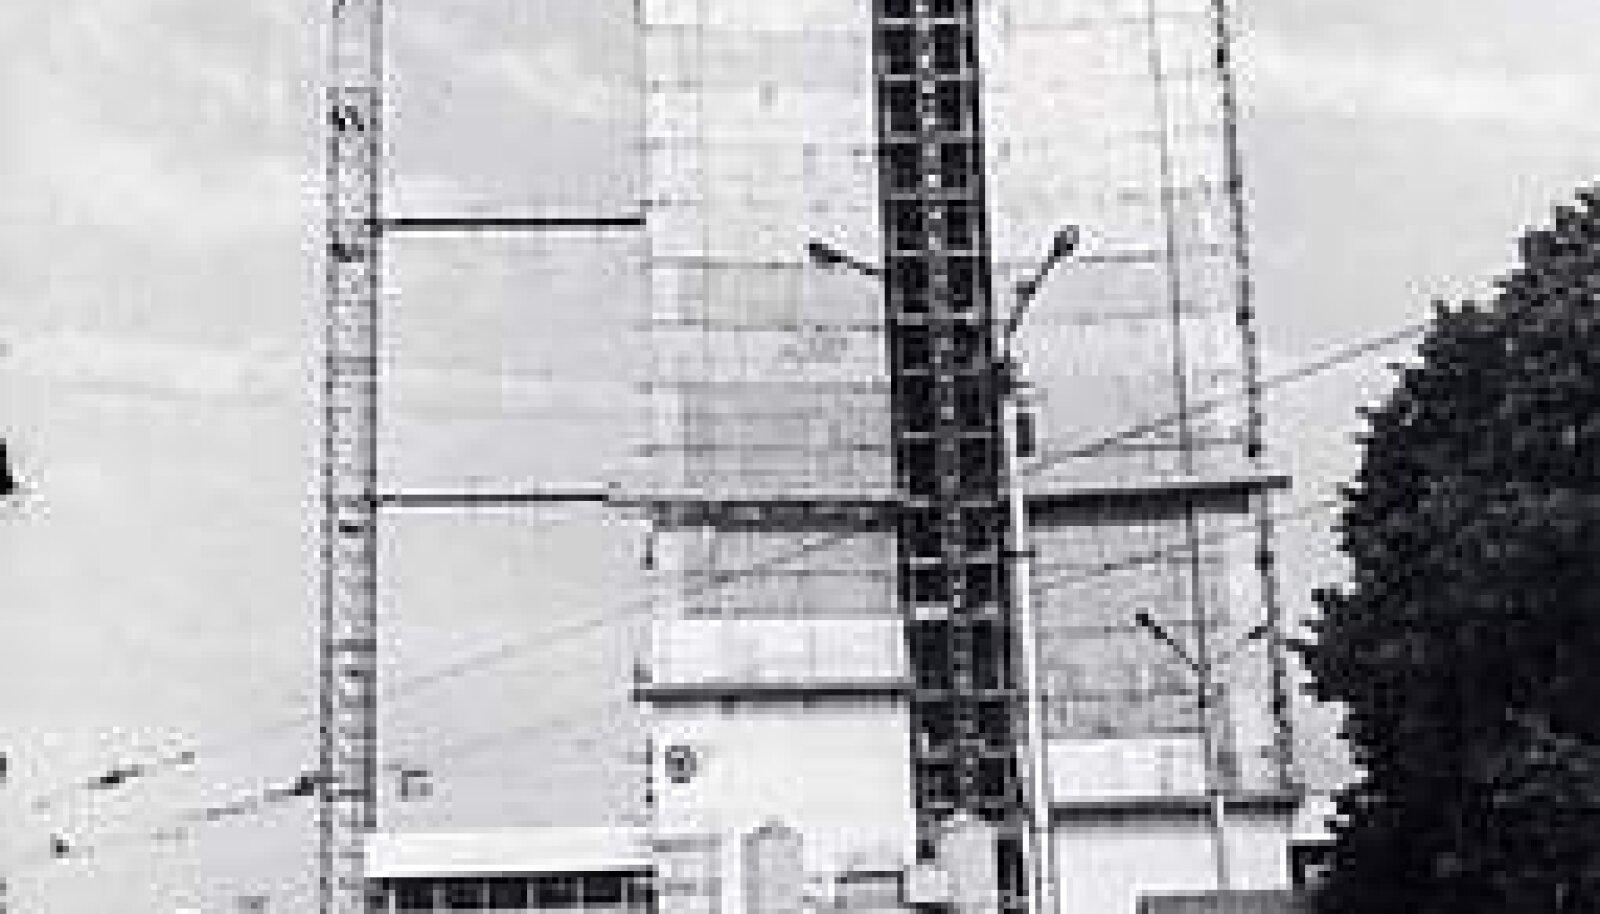 KERKIB: Viru hotelli lõpliku kõrguse saavutamiseks kulus Soome ehitajail 14 kuud. Plaadid, millega hakati hoone välispinda katma, olid toodud Saksamaalt Meissenist.